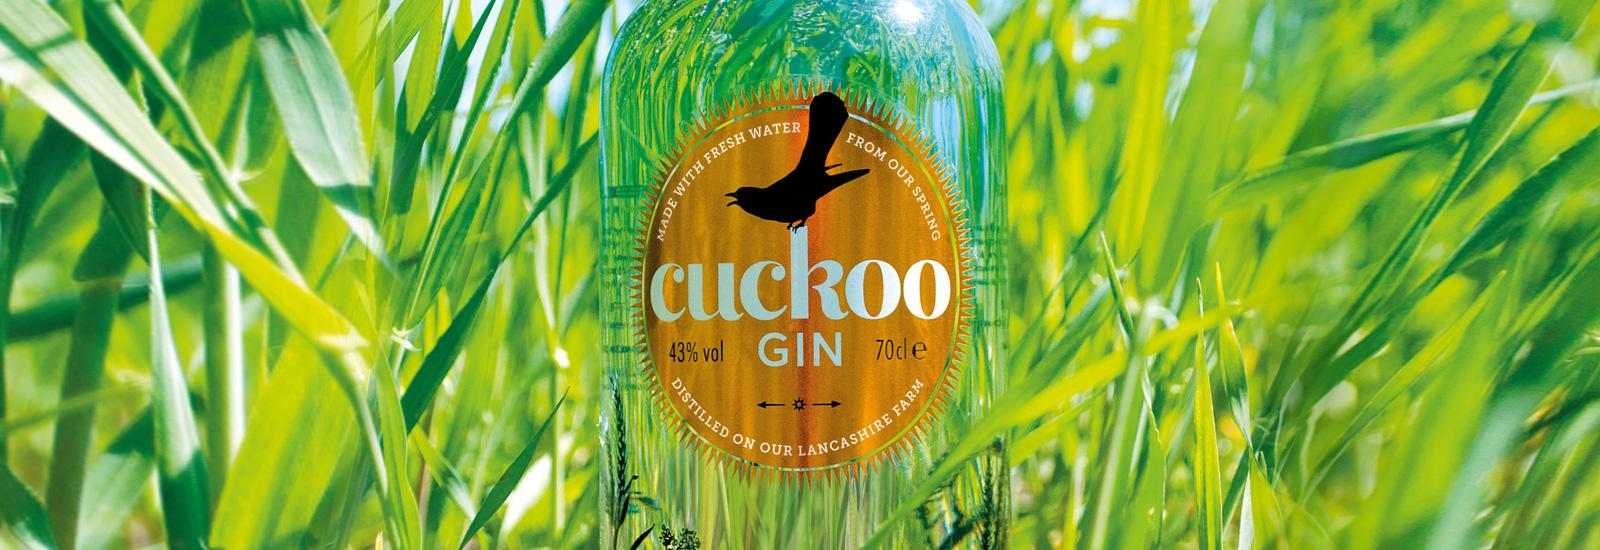 Cuckoo header2 1600x550px